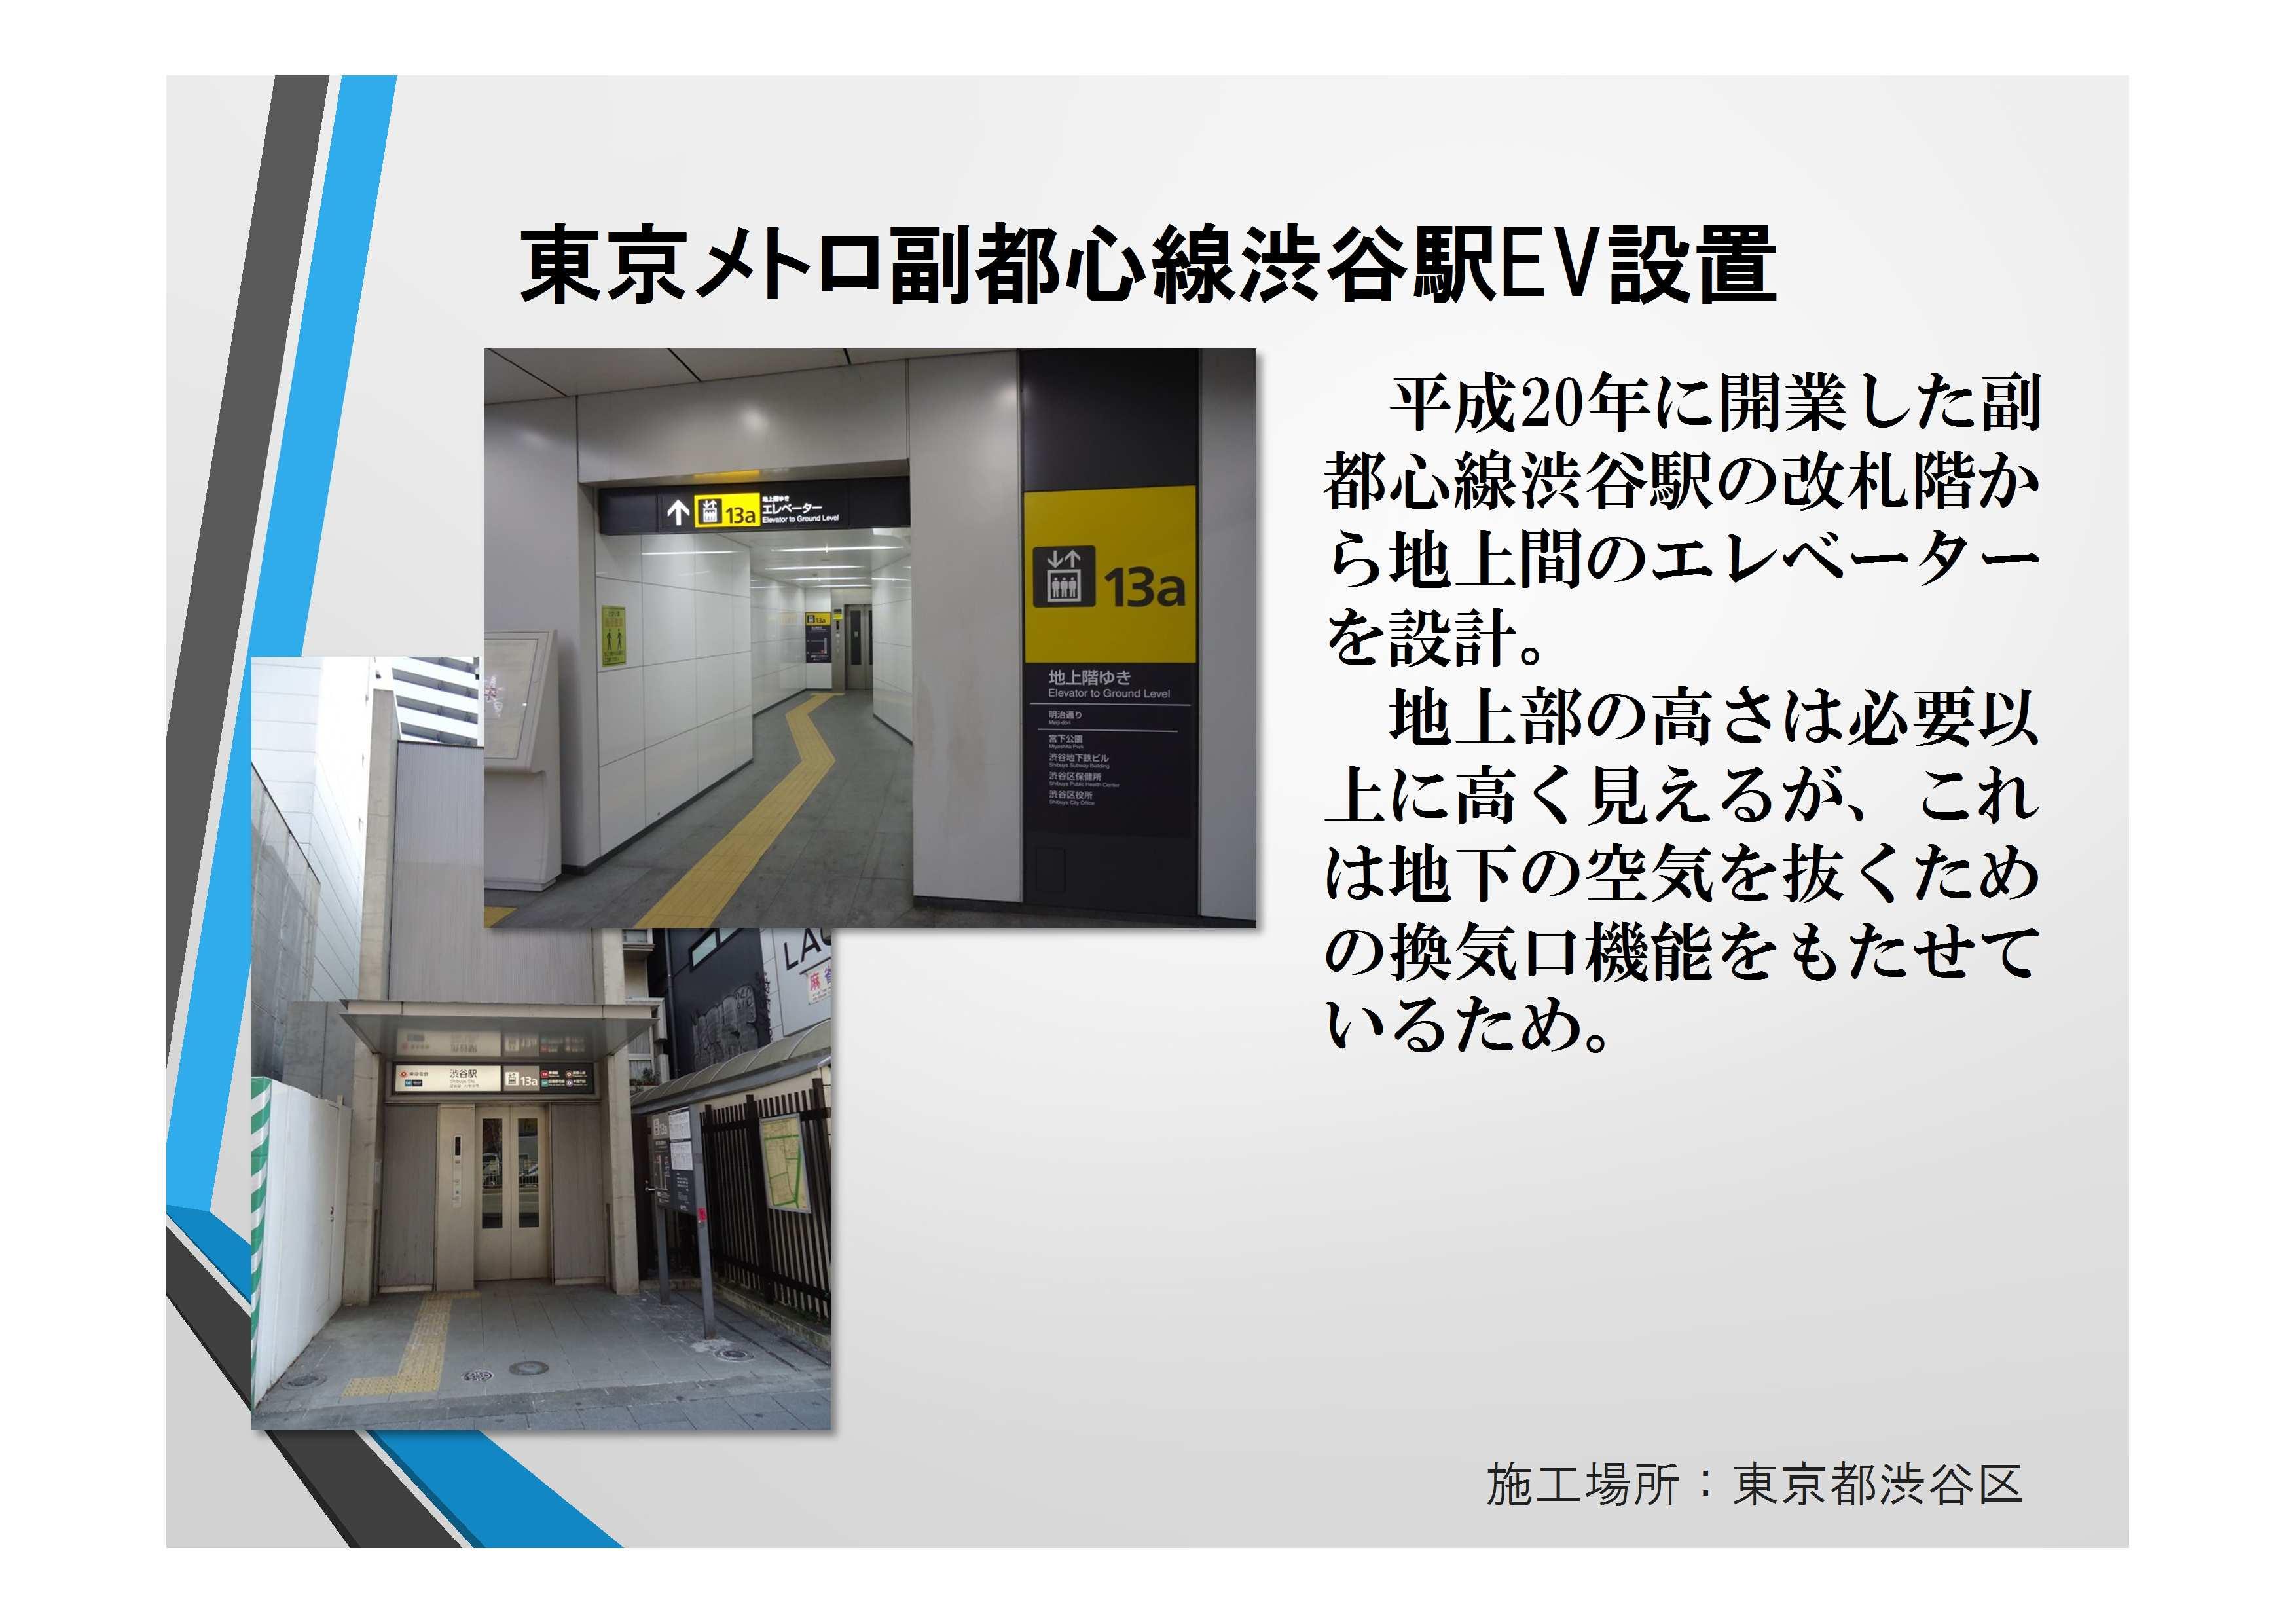 16-030東京地下鉄(渋谷EV)